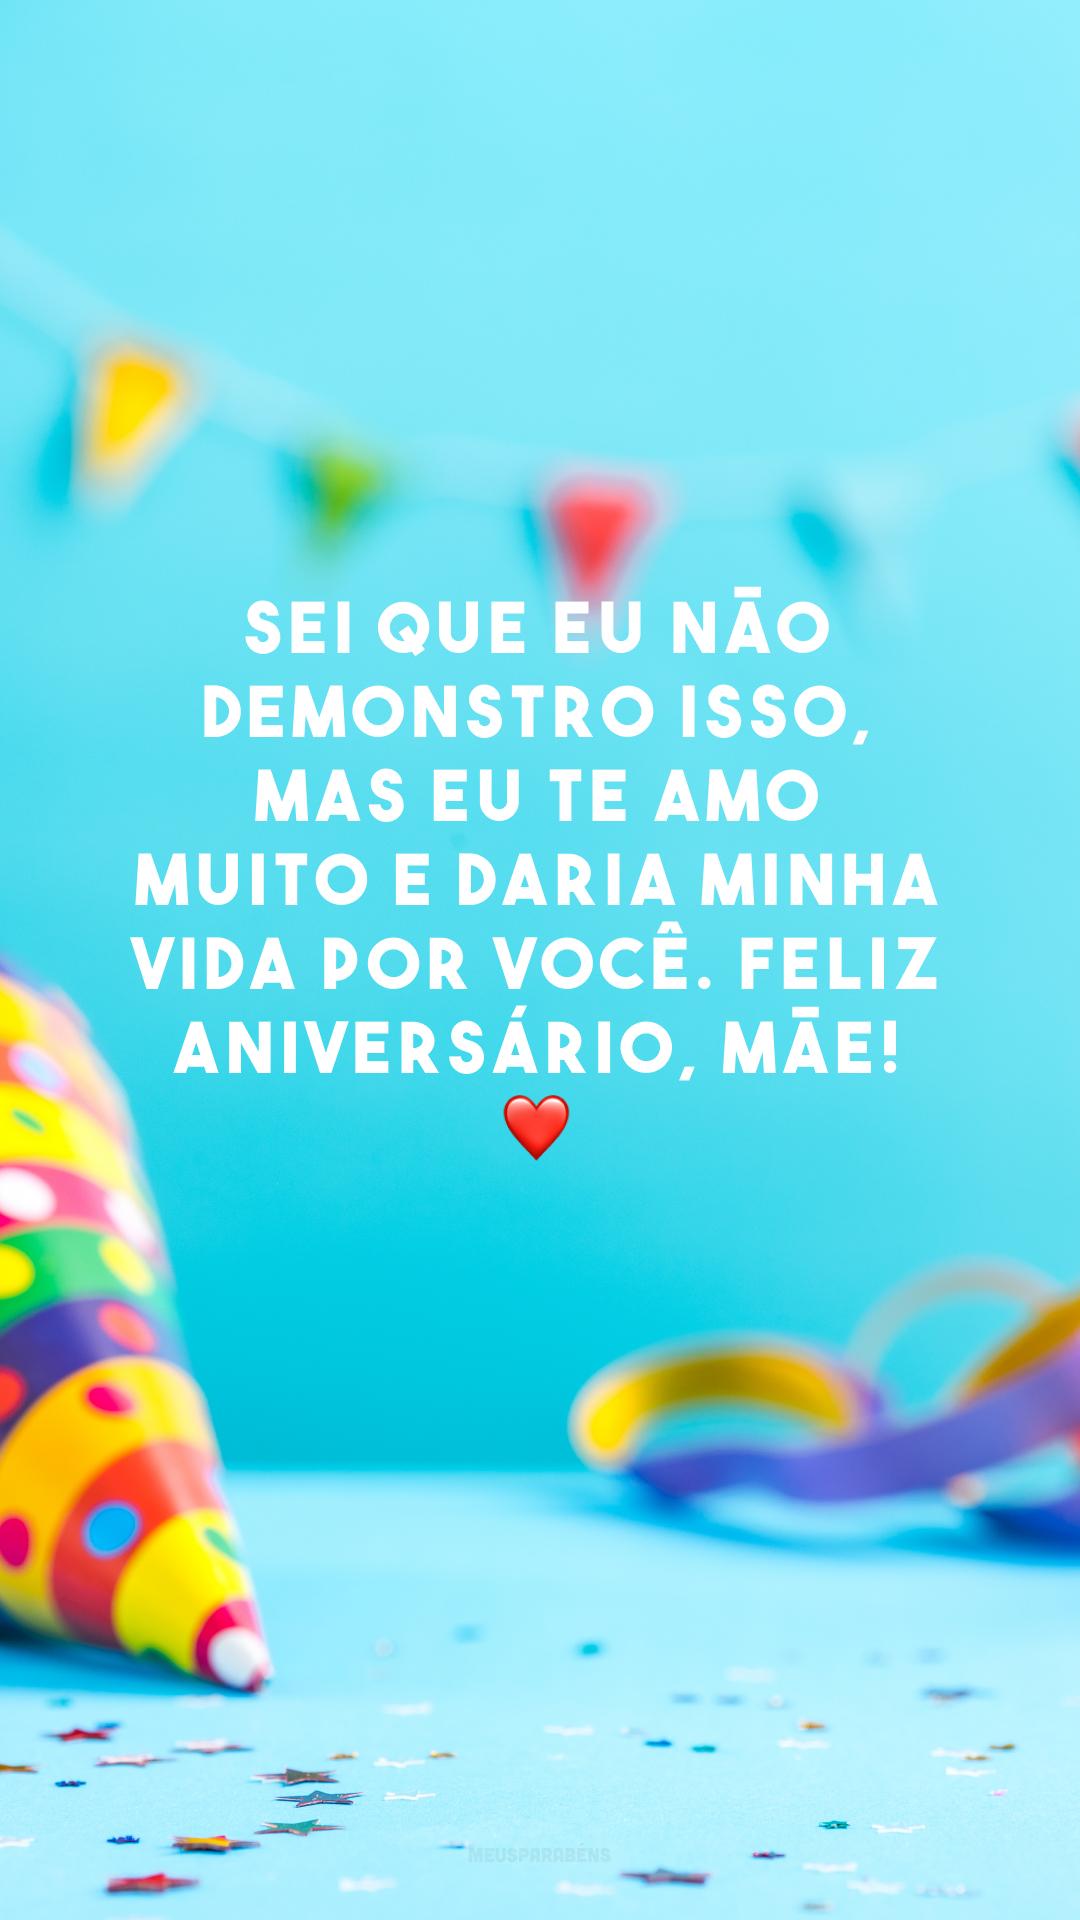 Sei que eu não demonstro isso, mas eu te amo muito e daria minha vida por você. Feliz aniversário, mãe! ❤️